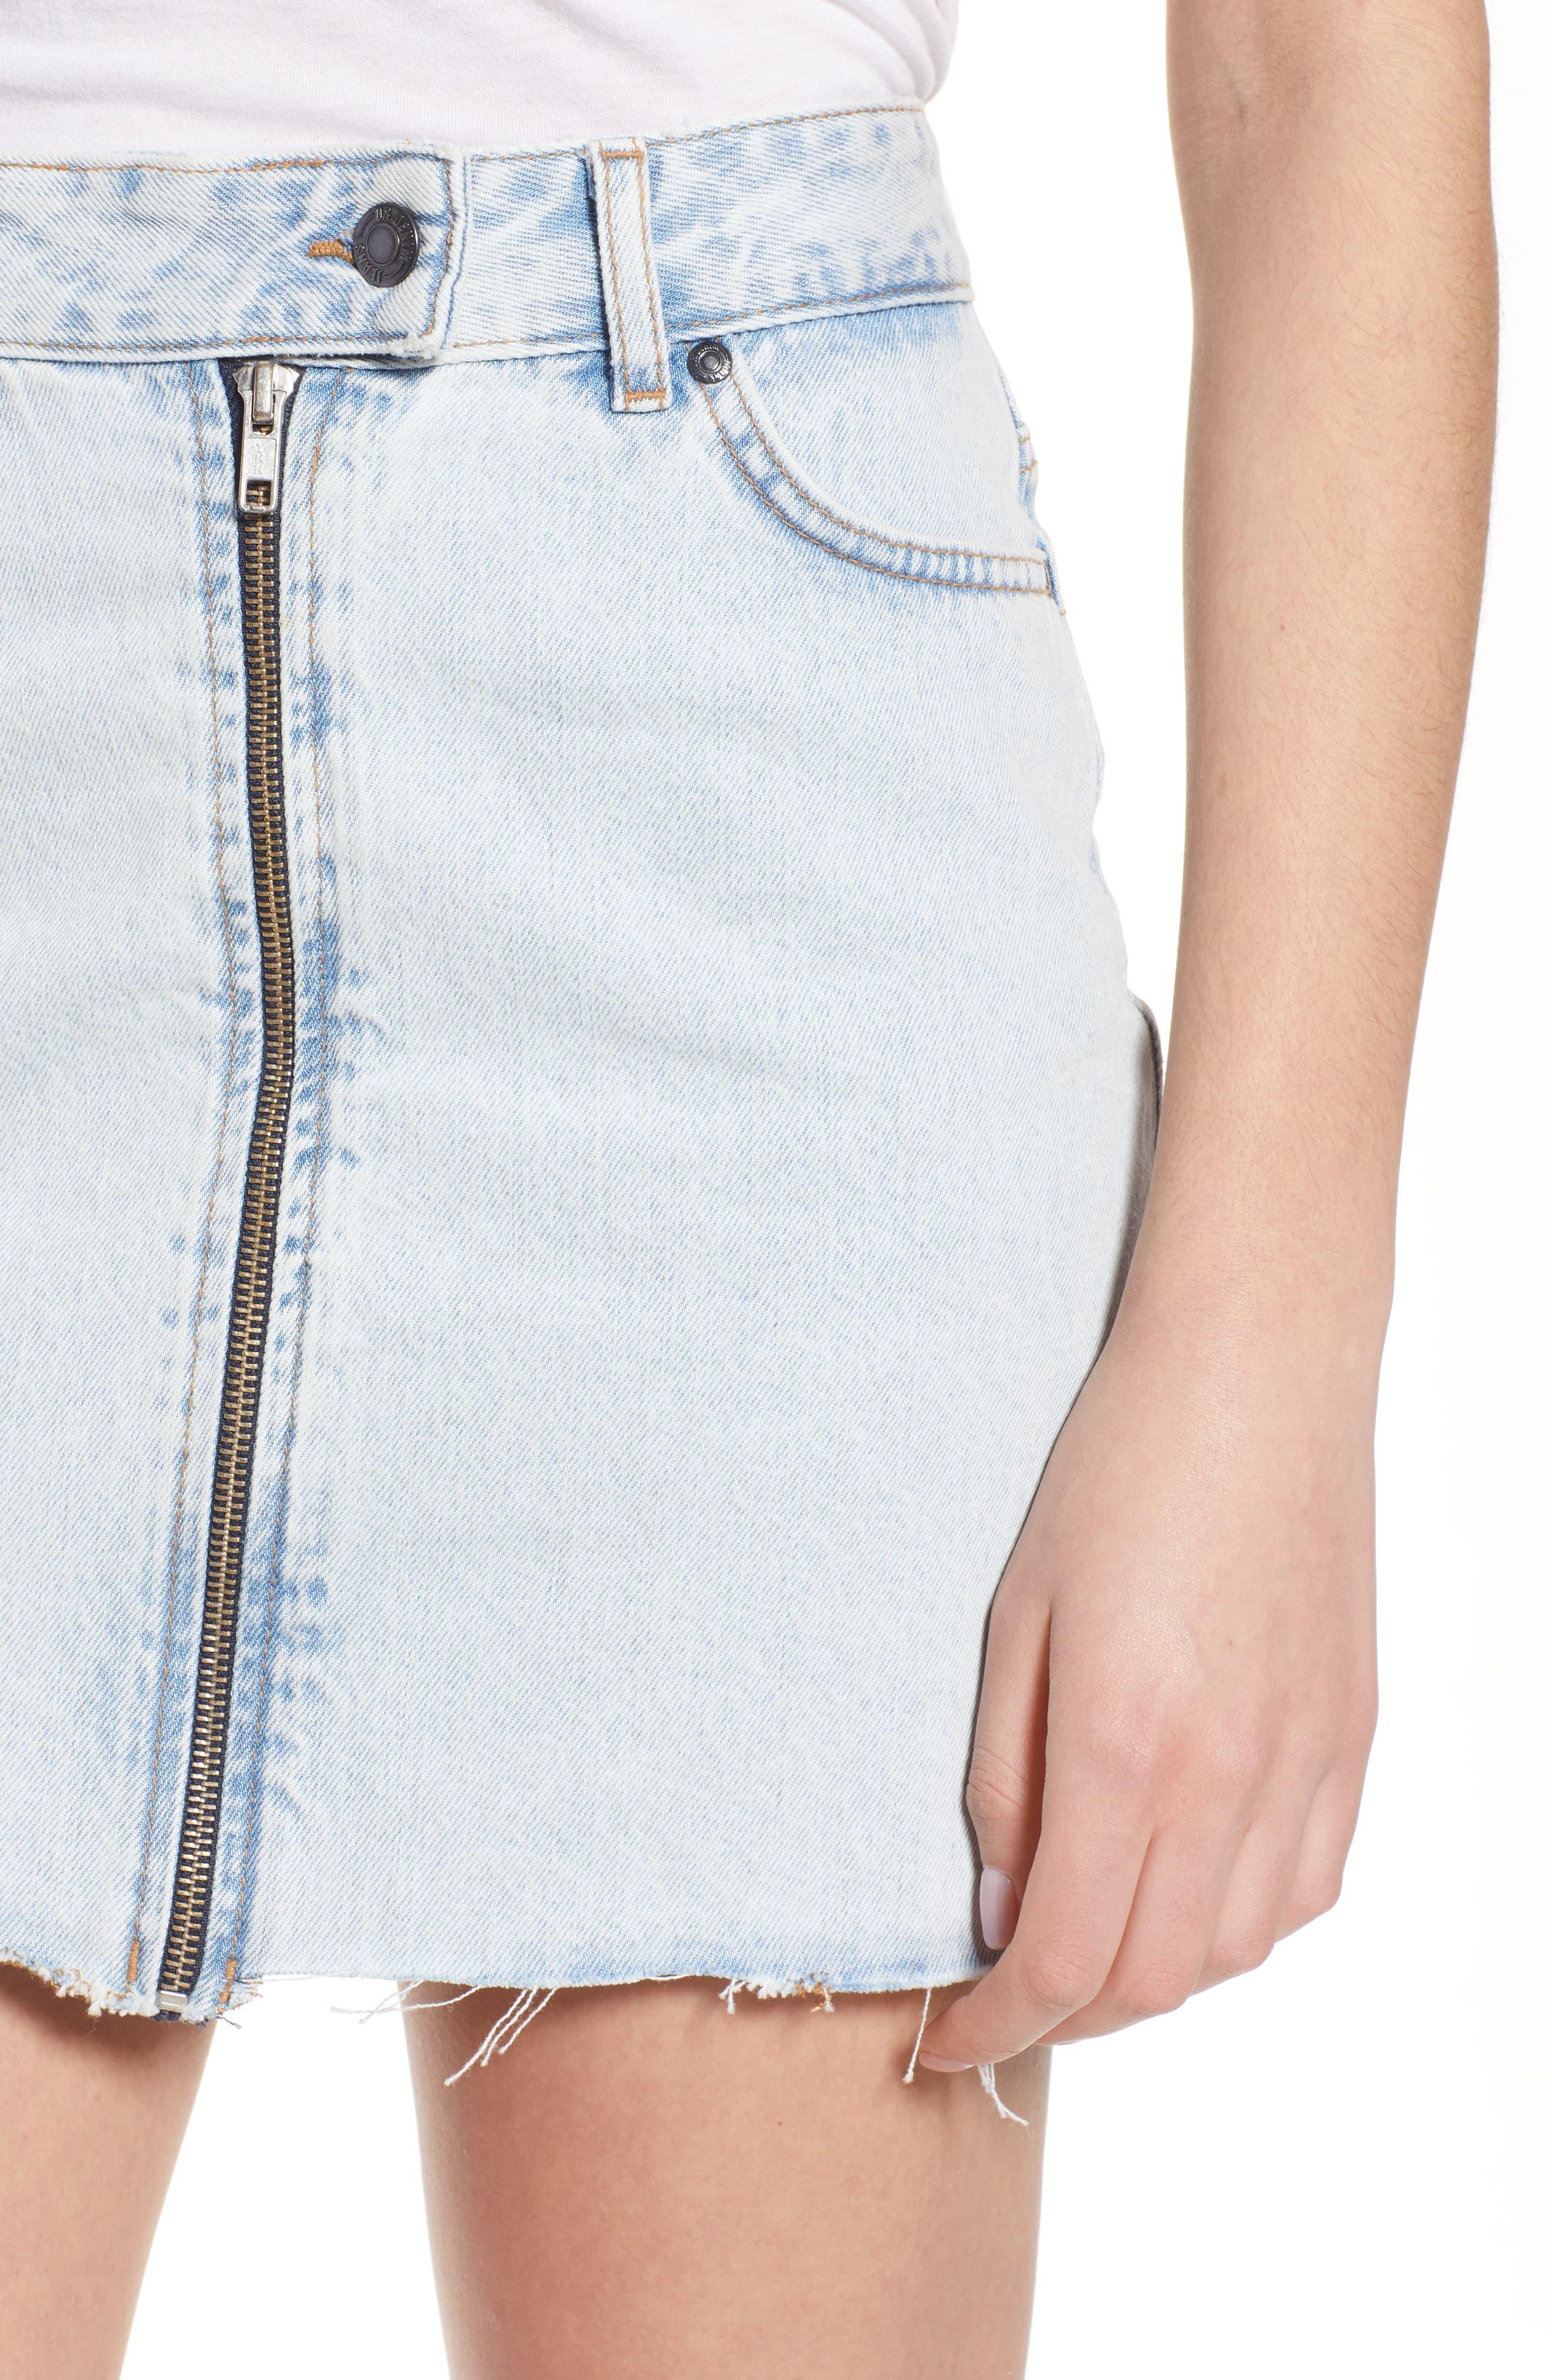 Dillon Denim Skirt,                             Alternate thumbnail 6, color,                             Worn Superlight Blue